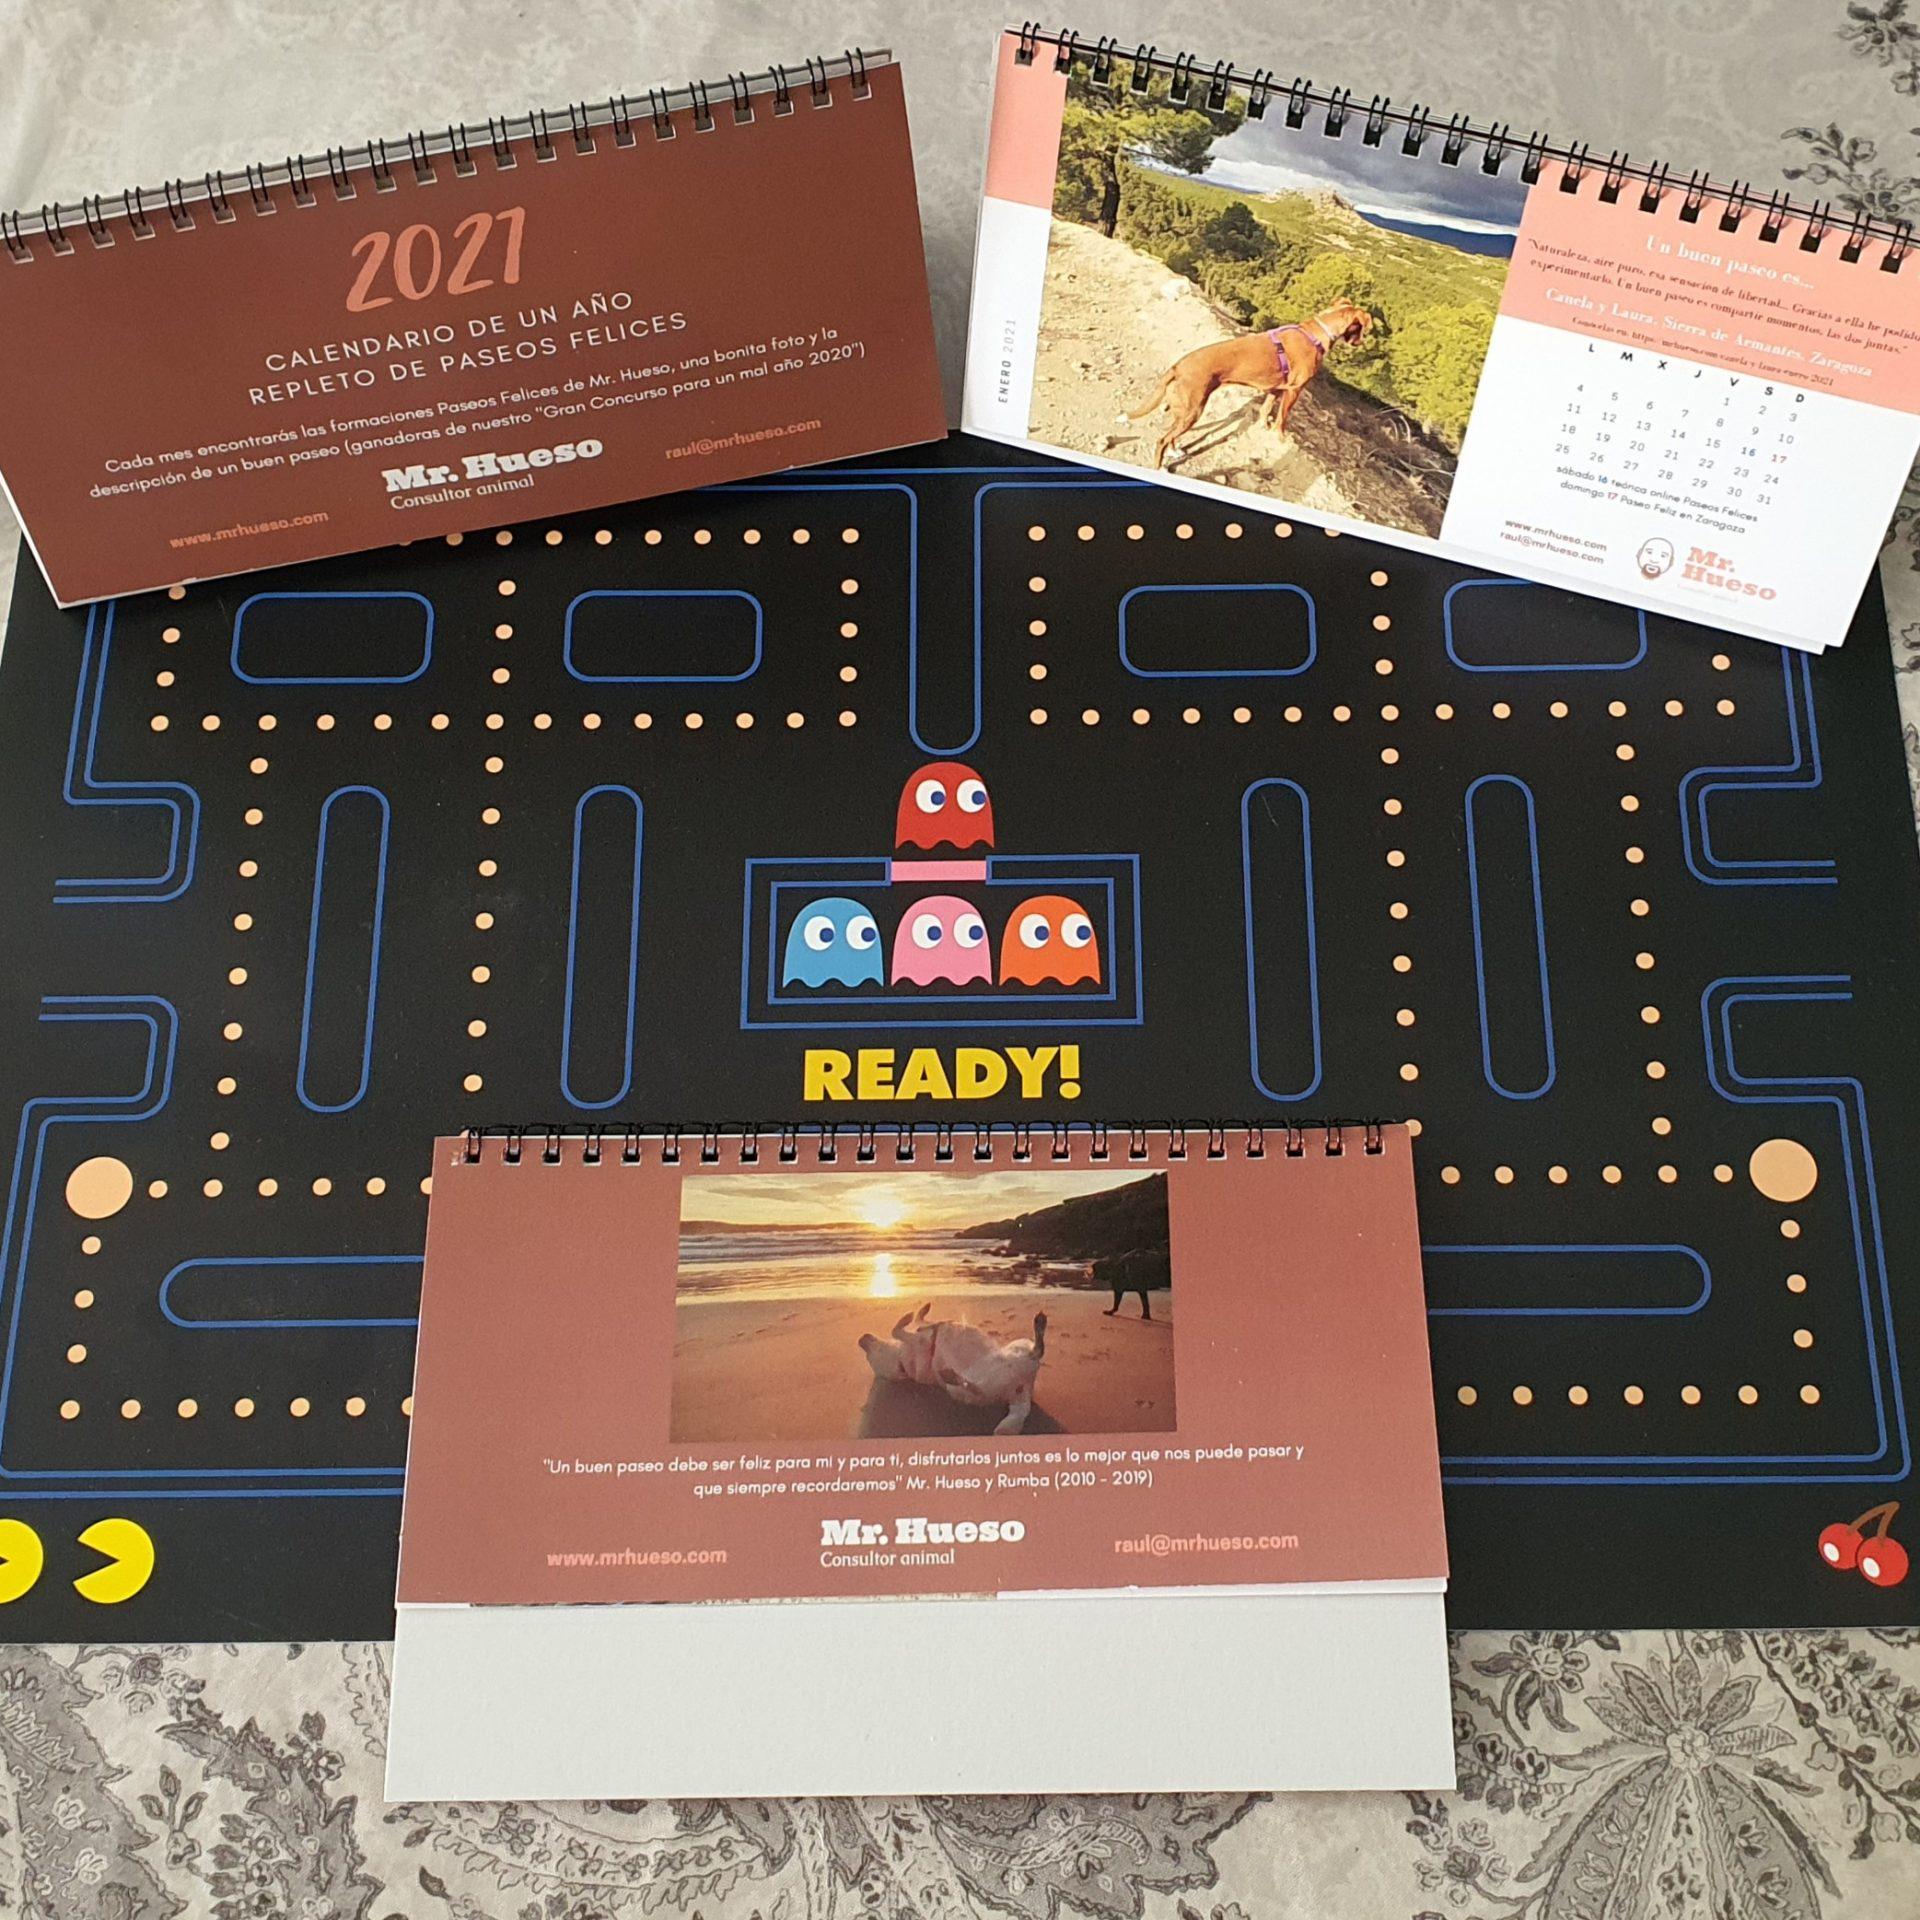 varios calendarios sobre un salvamanteles del juego pacman, representando que este año vamos a luchar contra virus y problemas para conseguir ser felices